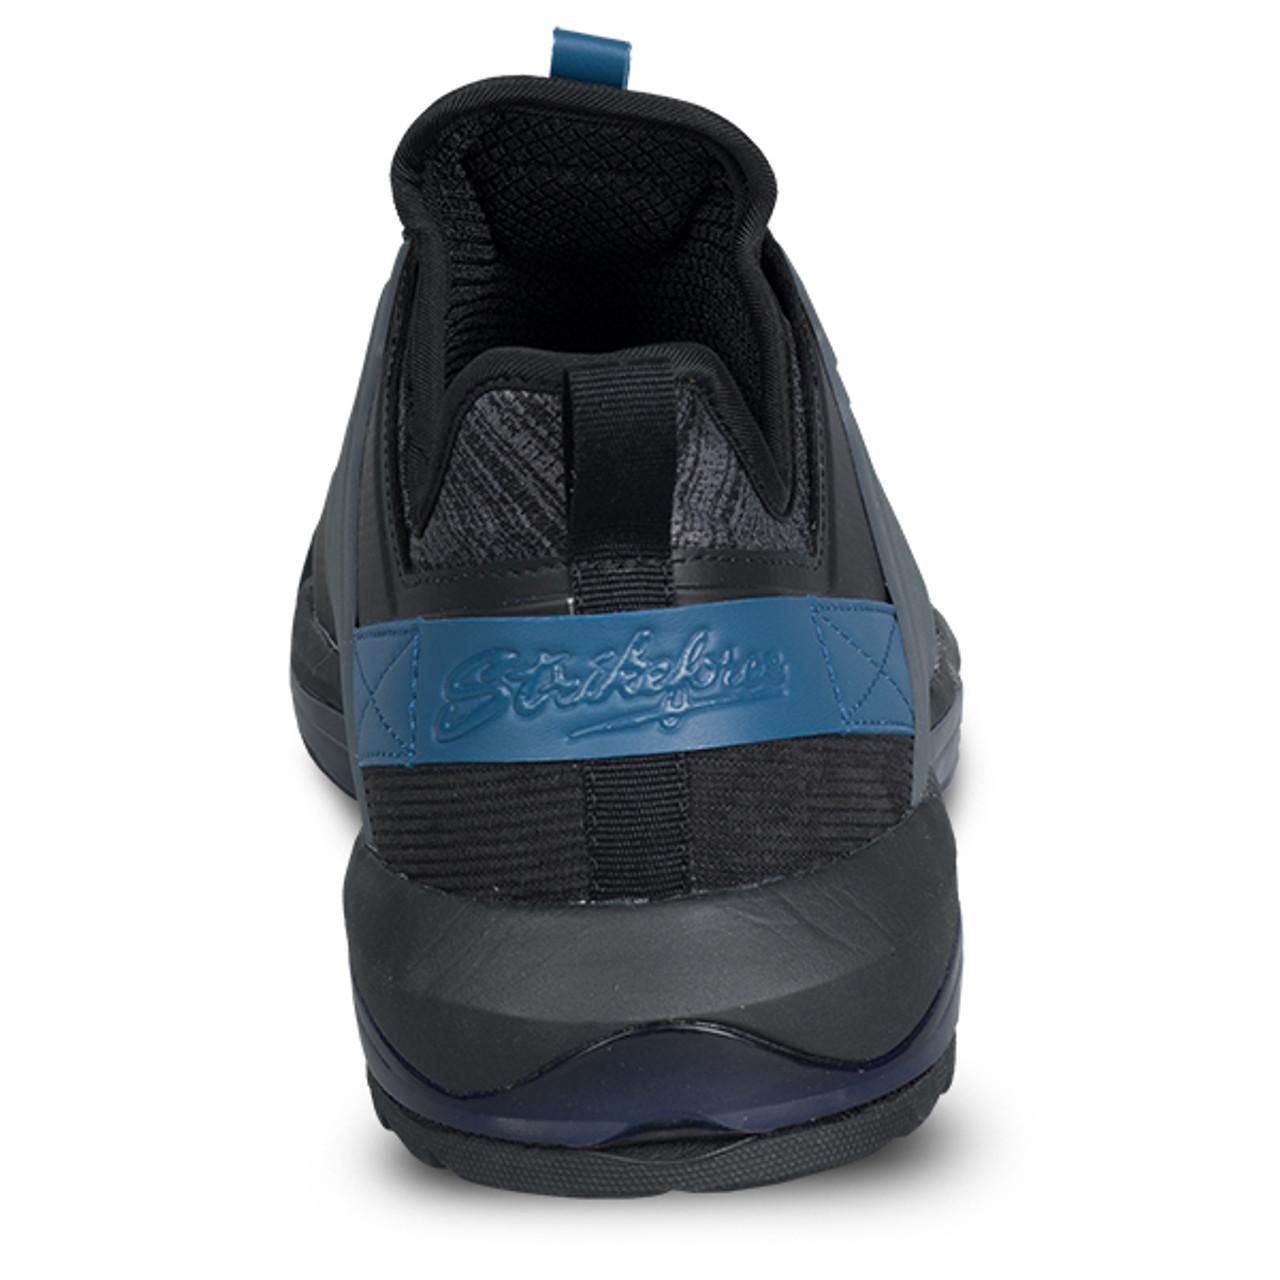 KR Strikeforce Mens Maverick Bowling Shoes Black/Cobalt Right Handed WIDE